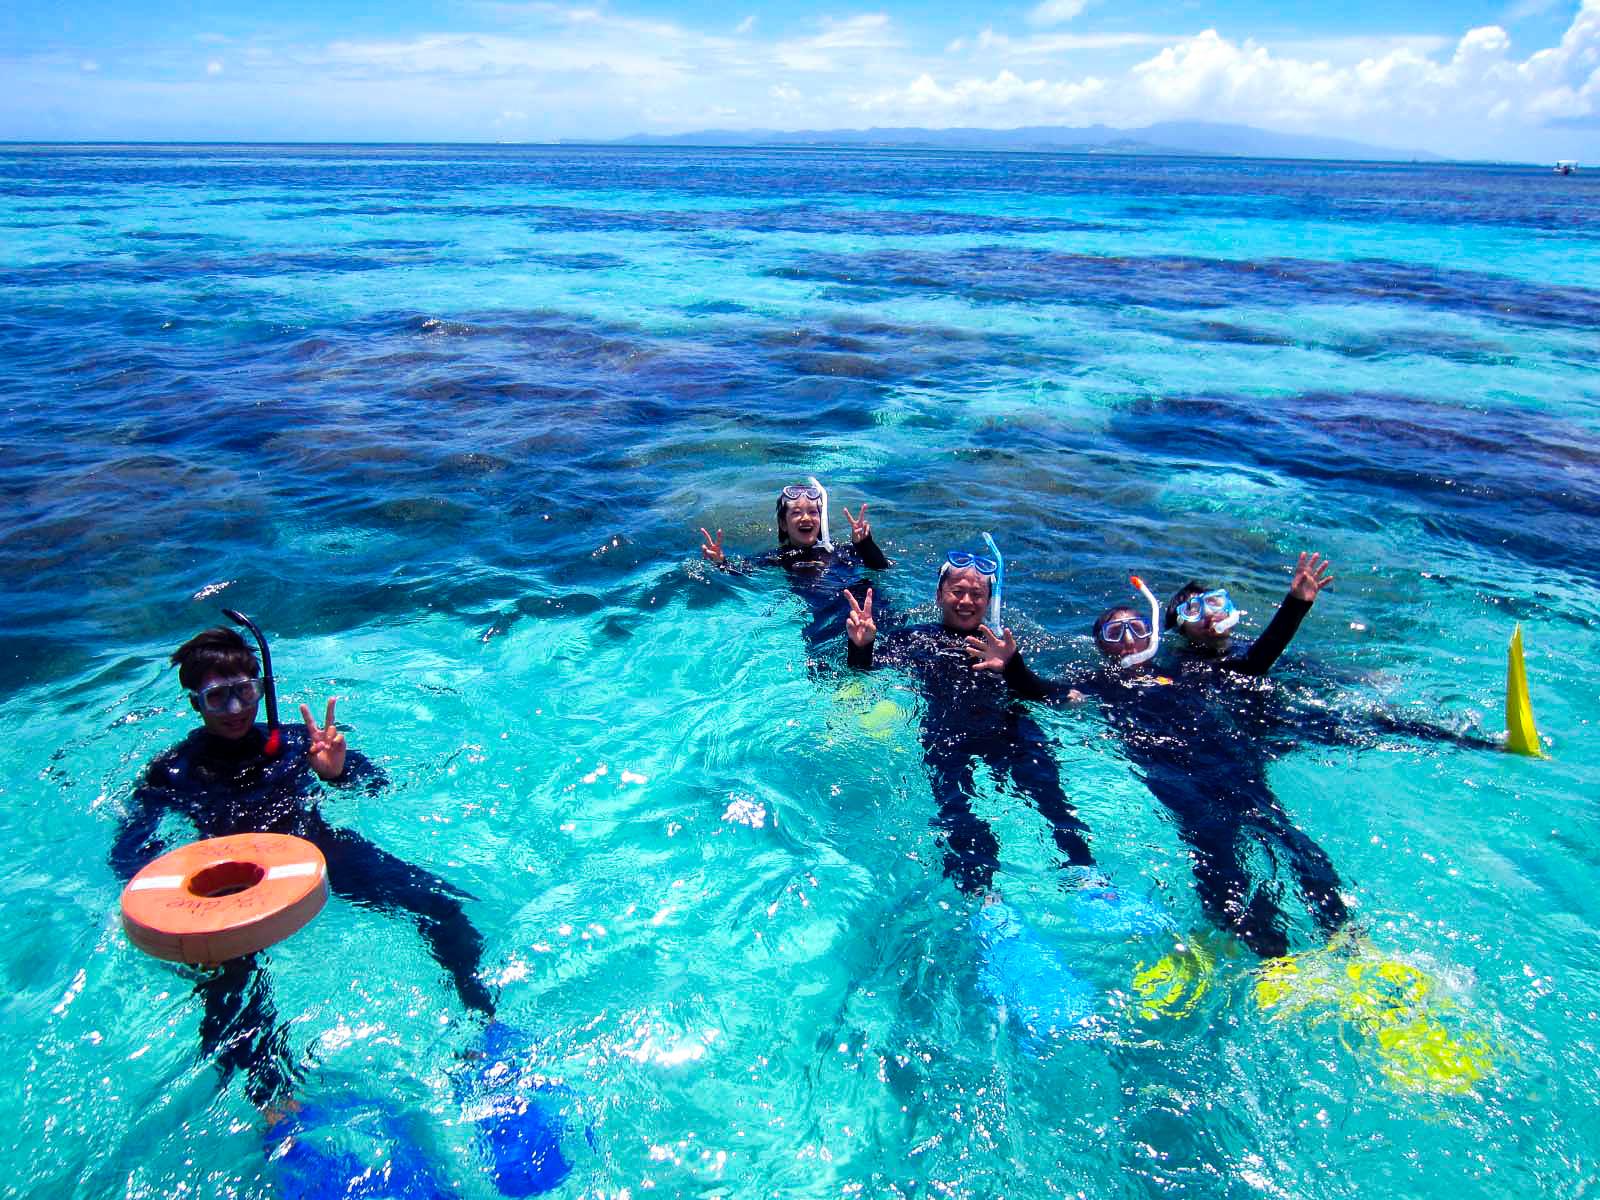 石垣島の青い海でのシュノーケリングツアー